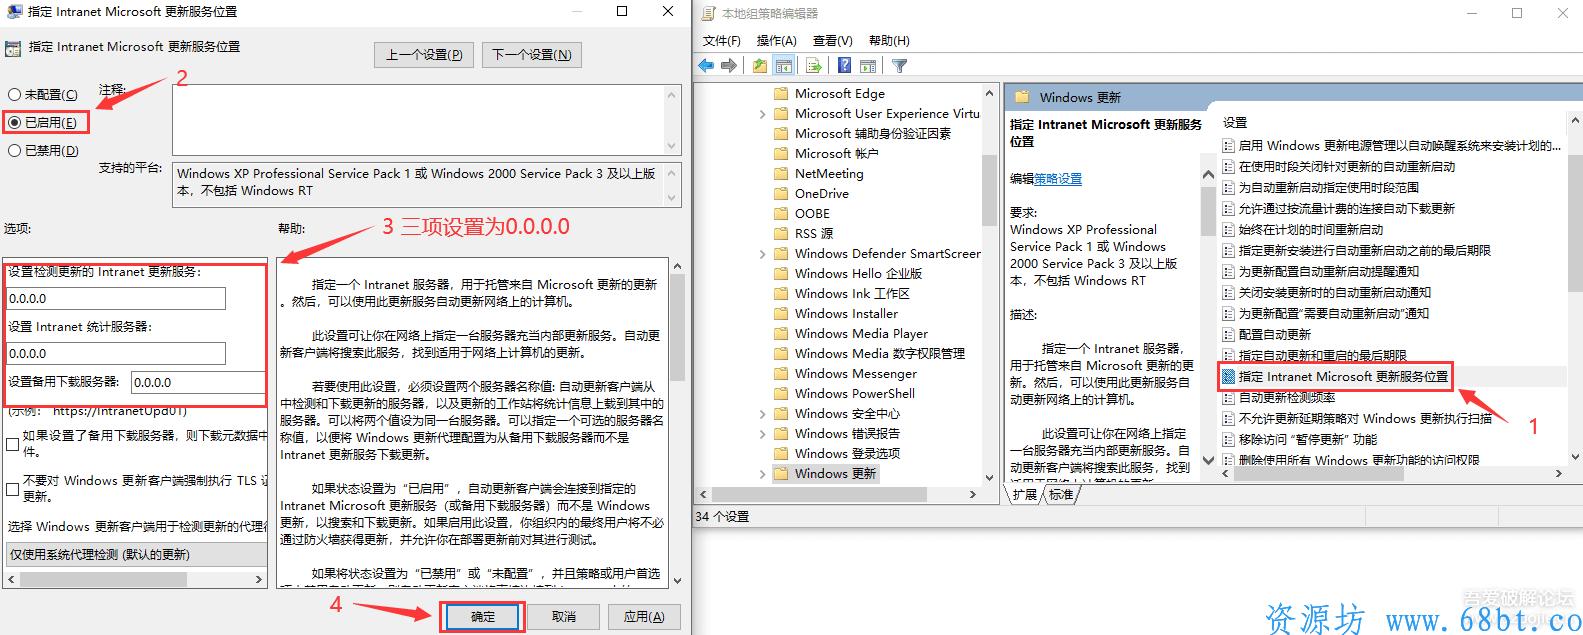 [玩电脑] 彻底禁止 windows10 系统更新【很彻底】【可还原】,windows10,系统,电脑,第5张